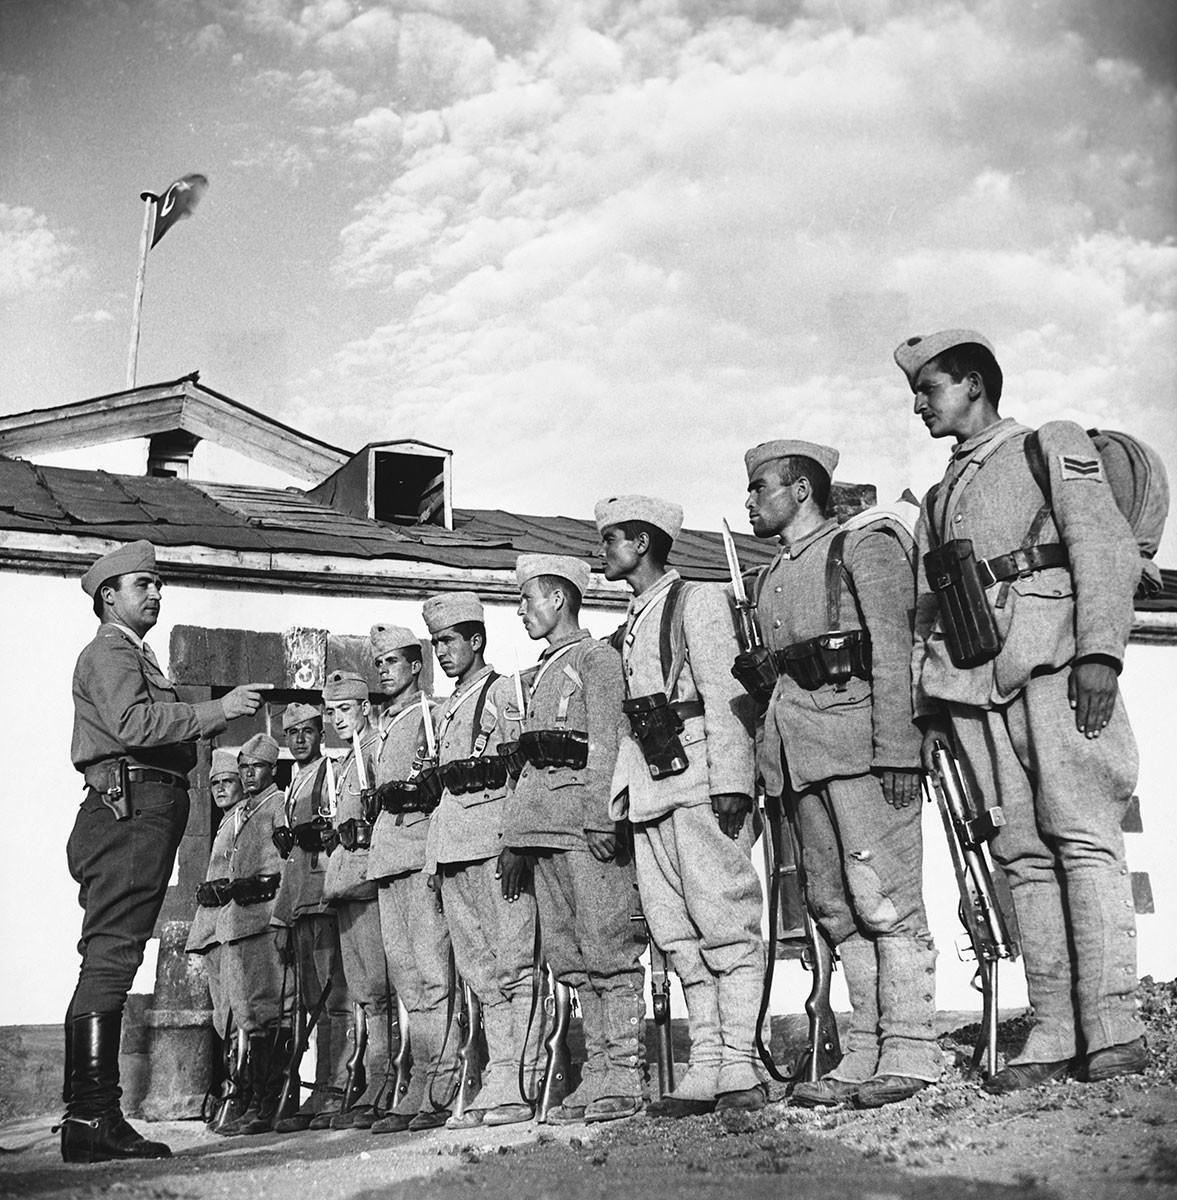 Un officier et des soldats turcs à la frontière soviéto-turque